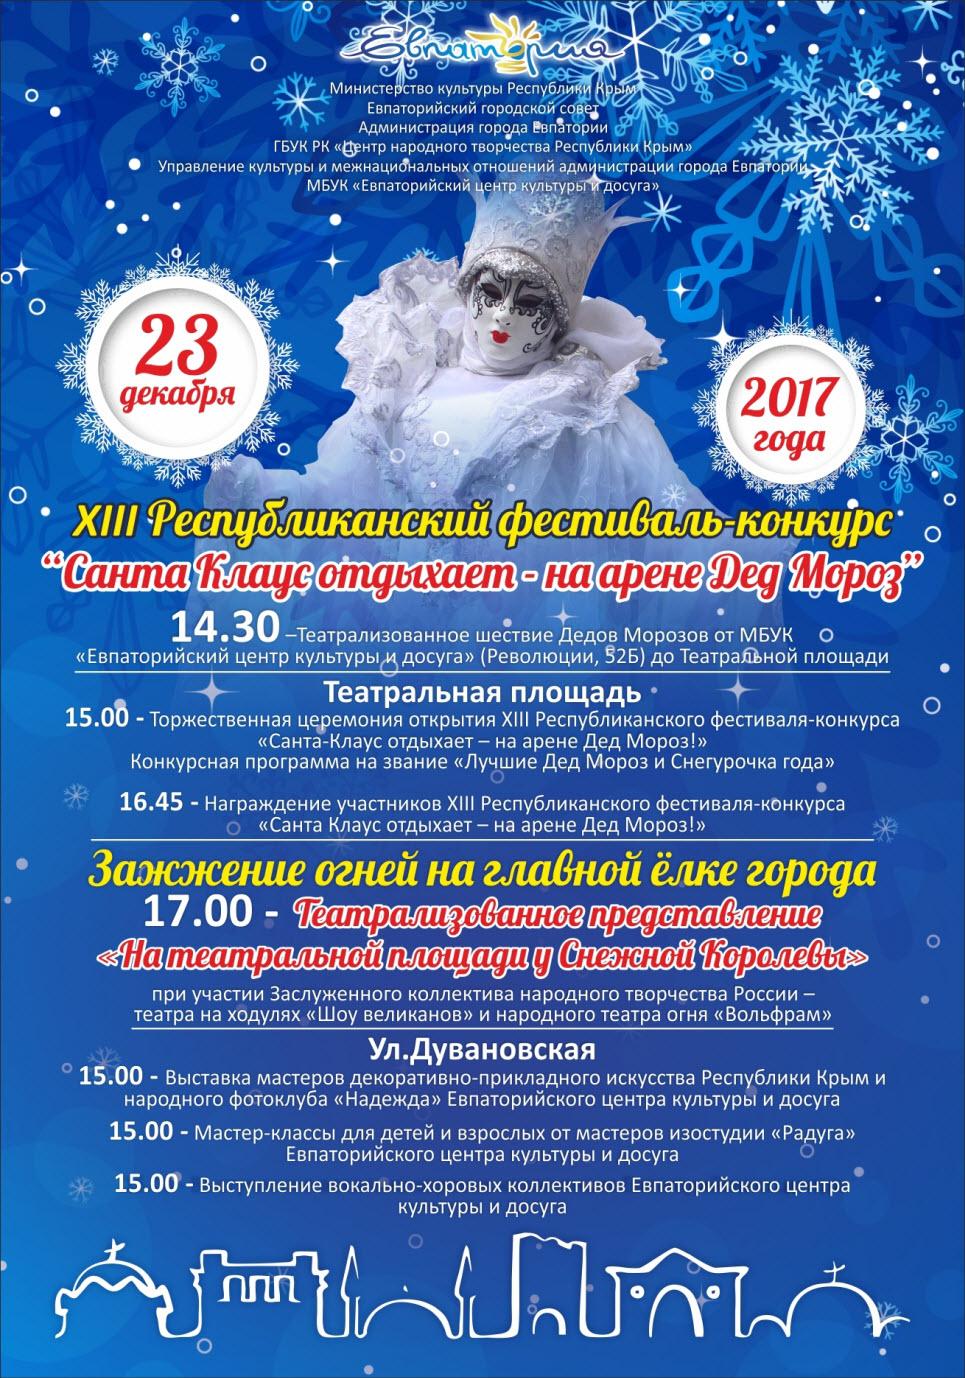 Санта-Клаус отдыхает на арене Дед Мороз 2017